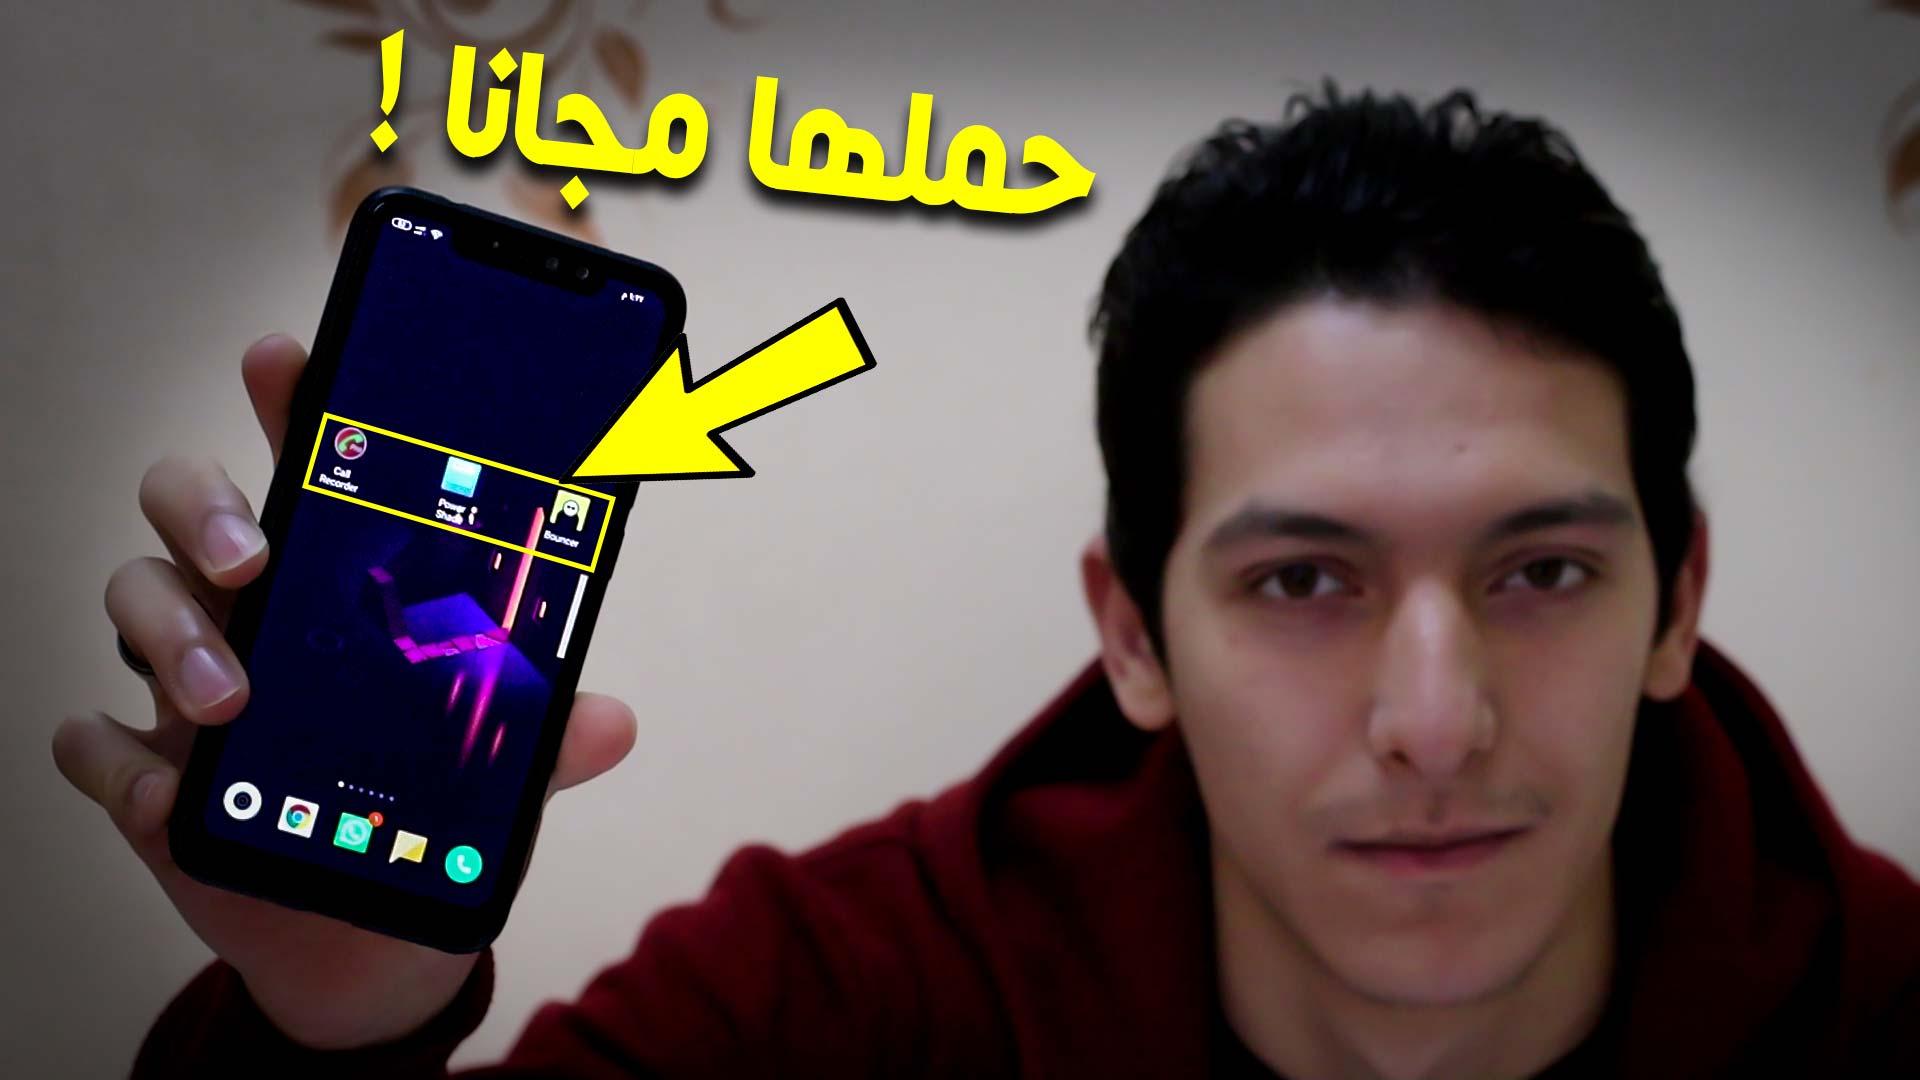 تحميل 3 تطبيقات مدفوعة مجانا على الاندرويد من google play